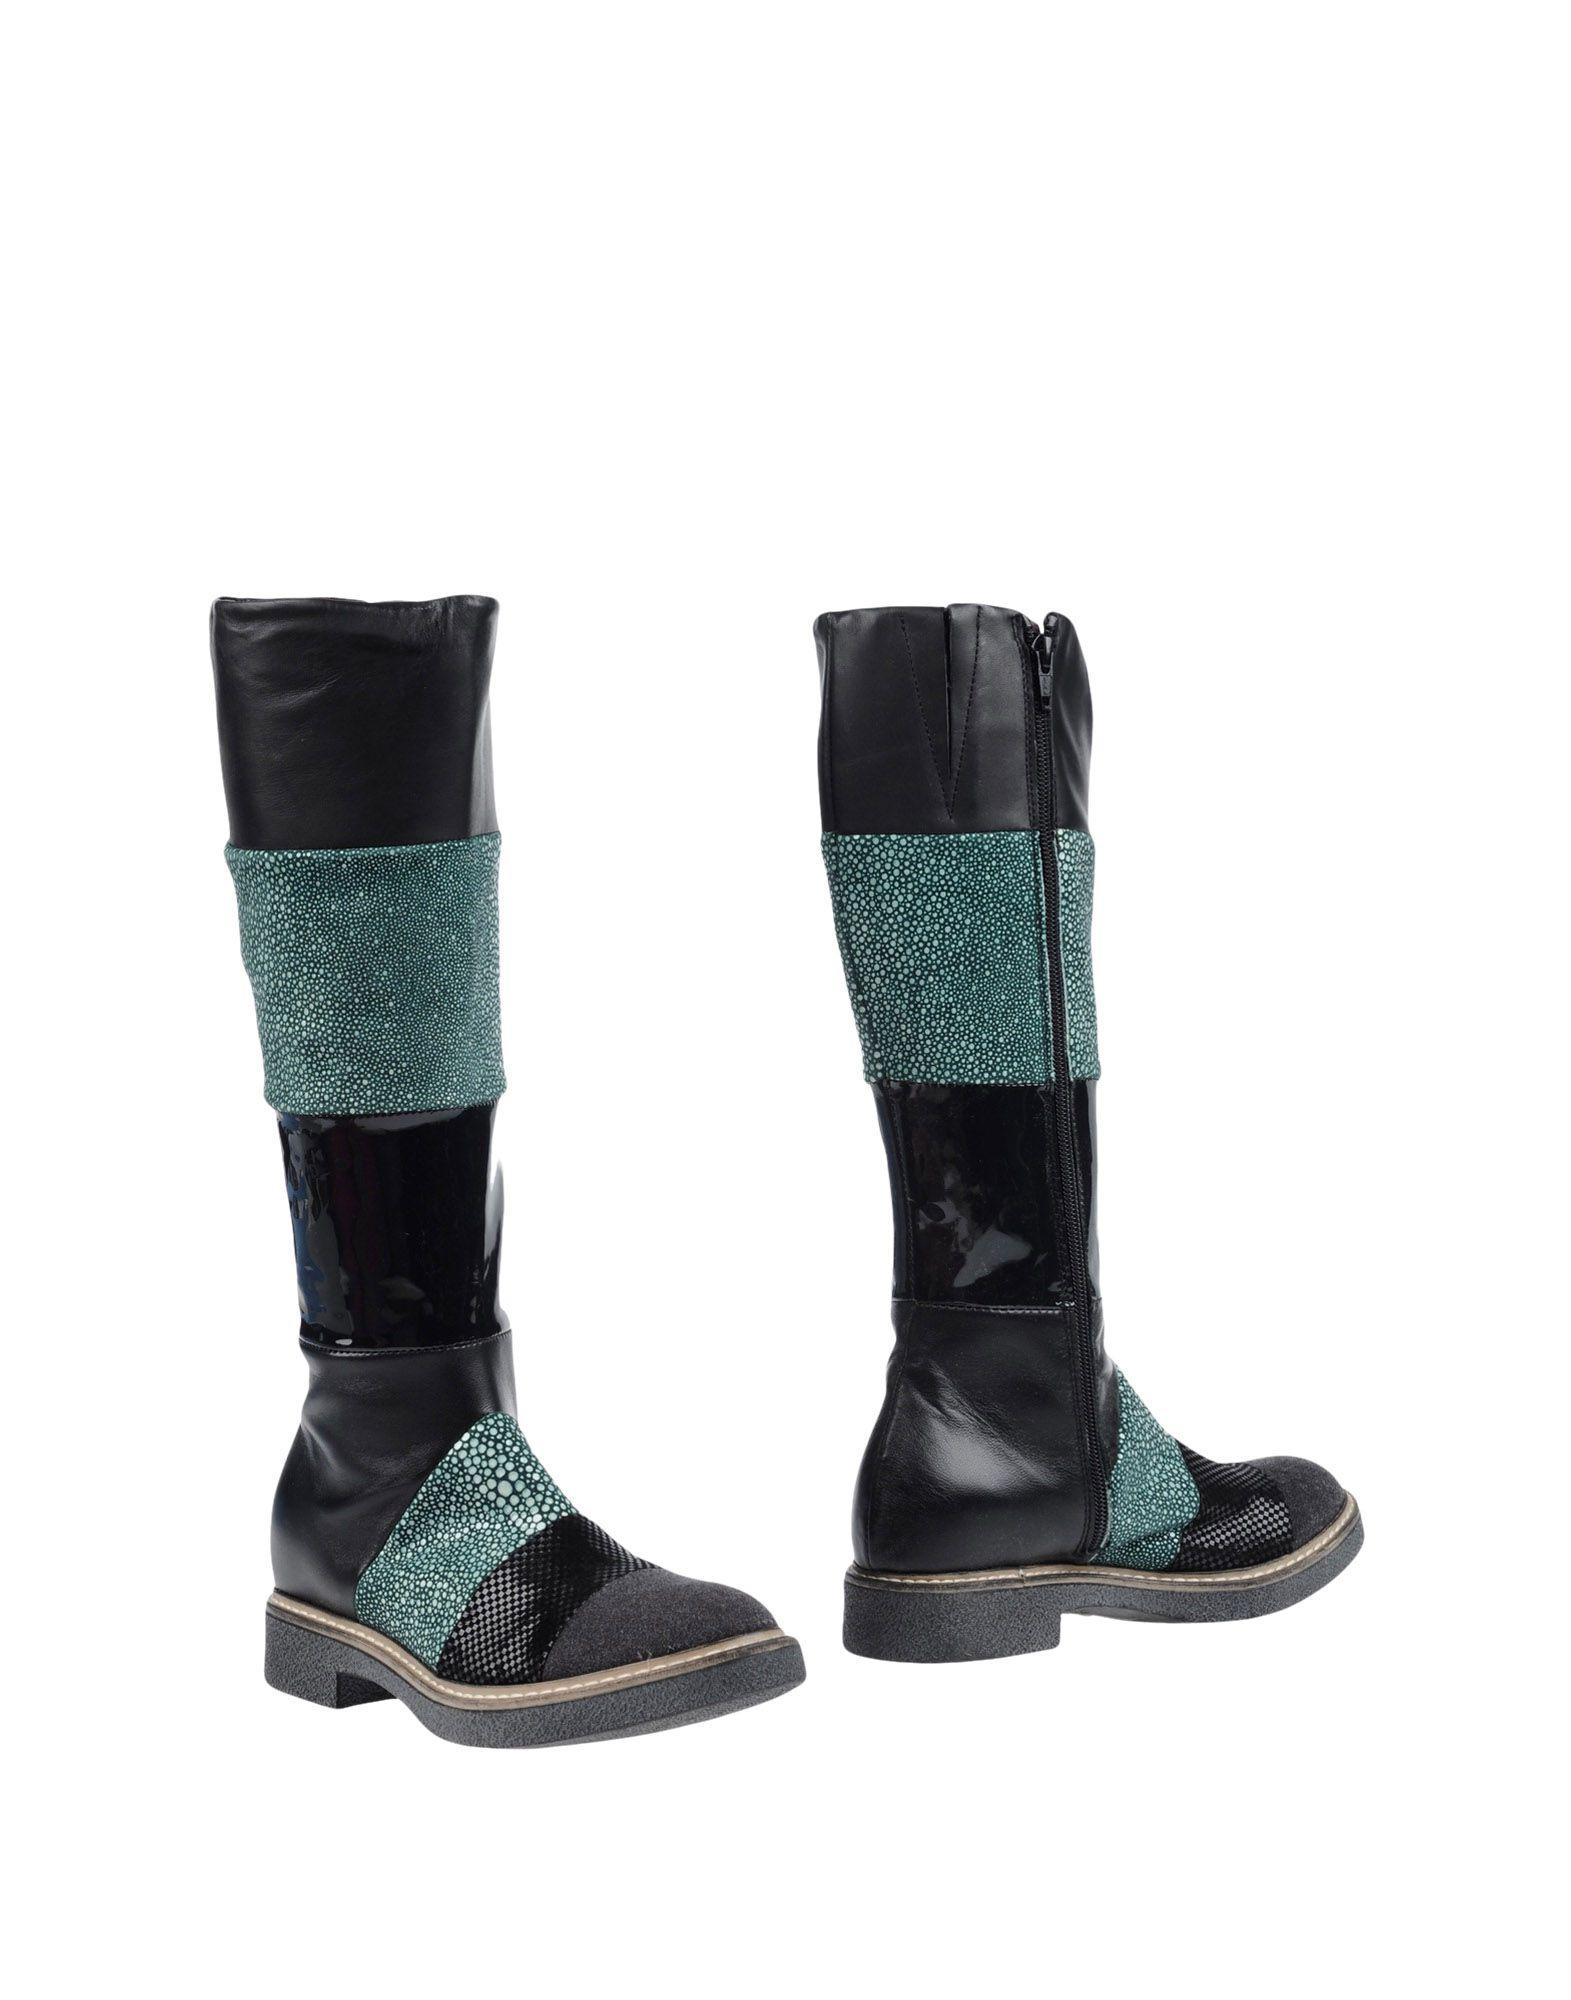 Ebarrito Stiefel Damen  11280684JQ Gute Qualität beliebte Schuhe